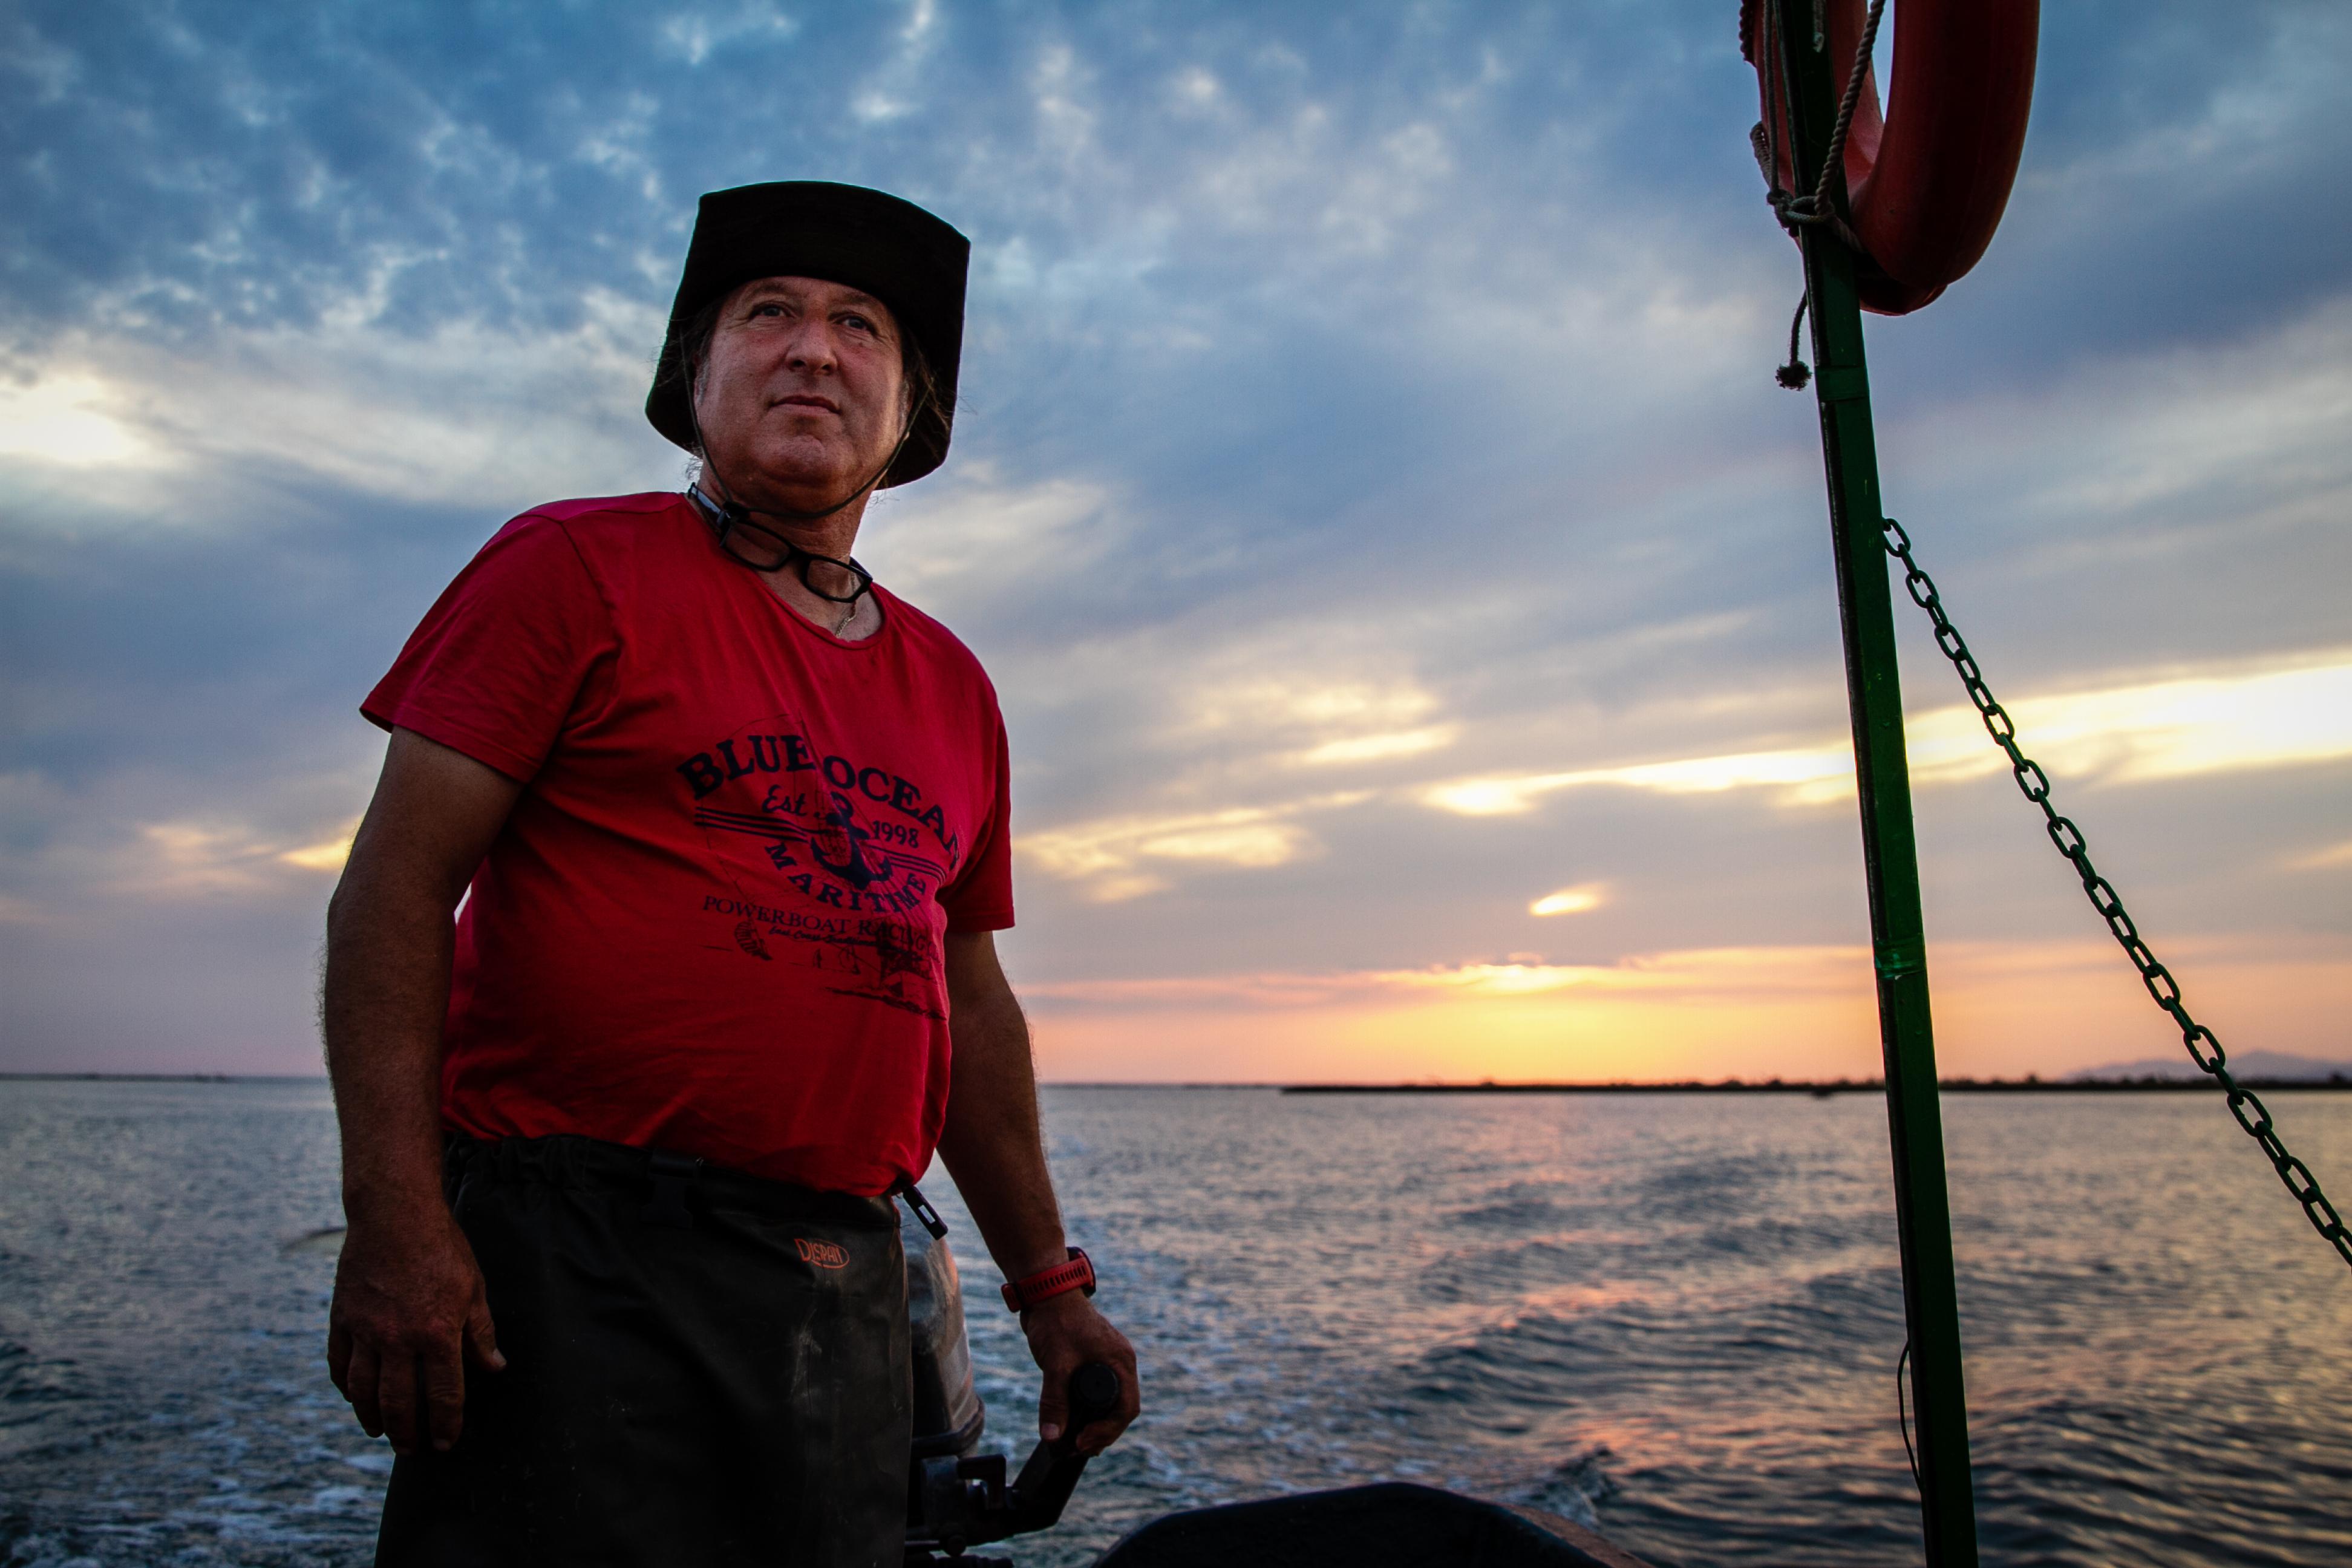 Ο Αλέξανδρος Αδόλης ψαρεύει στον Έβρο.  Τον Φεβρουάριο του 2020, ο Τούρκος πρόεδρος Ρετζέπ Ταγίπ Ερντογάν άνοιξε τα τουρκικά σύνορα και κάλεσε μετανάστες στην Ελλάδα και την Ευρώπη, και αυτός και άλλοι ψαράδες συγκεντρώθηκαν στο ποτάμι.  (Lily Martin / CBC)